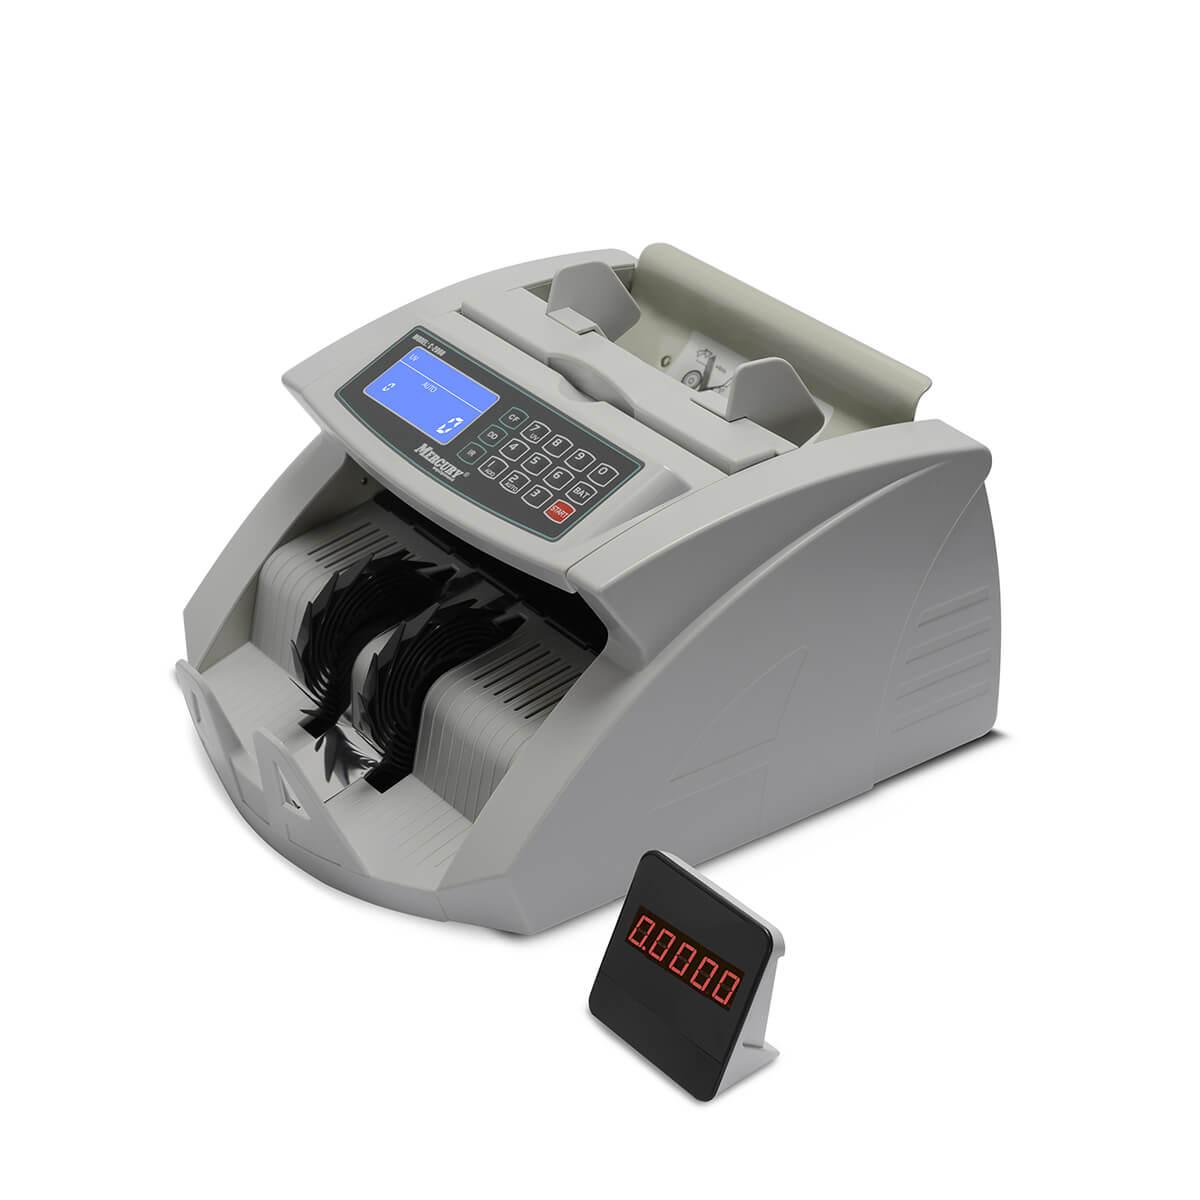 Мультивалютный счетчик банкнот Mercury C — 2000 UV White